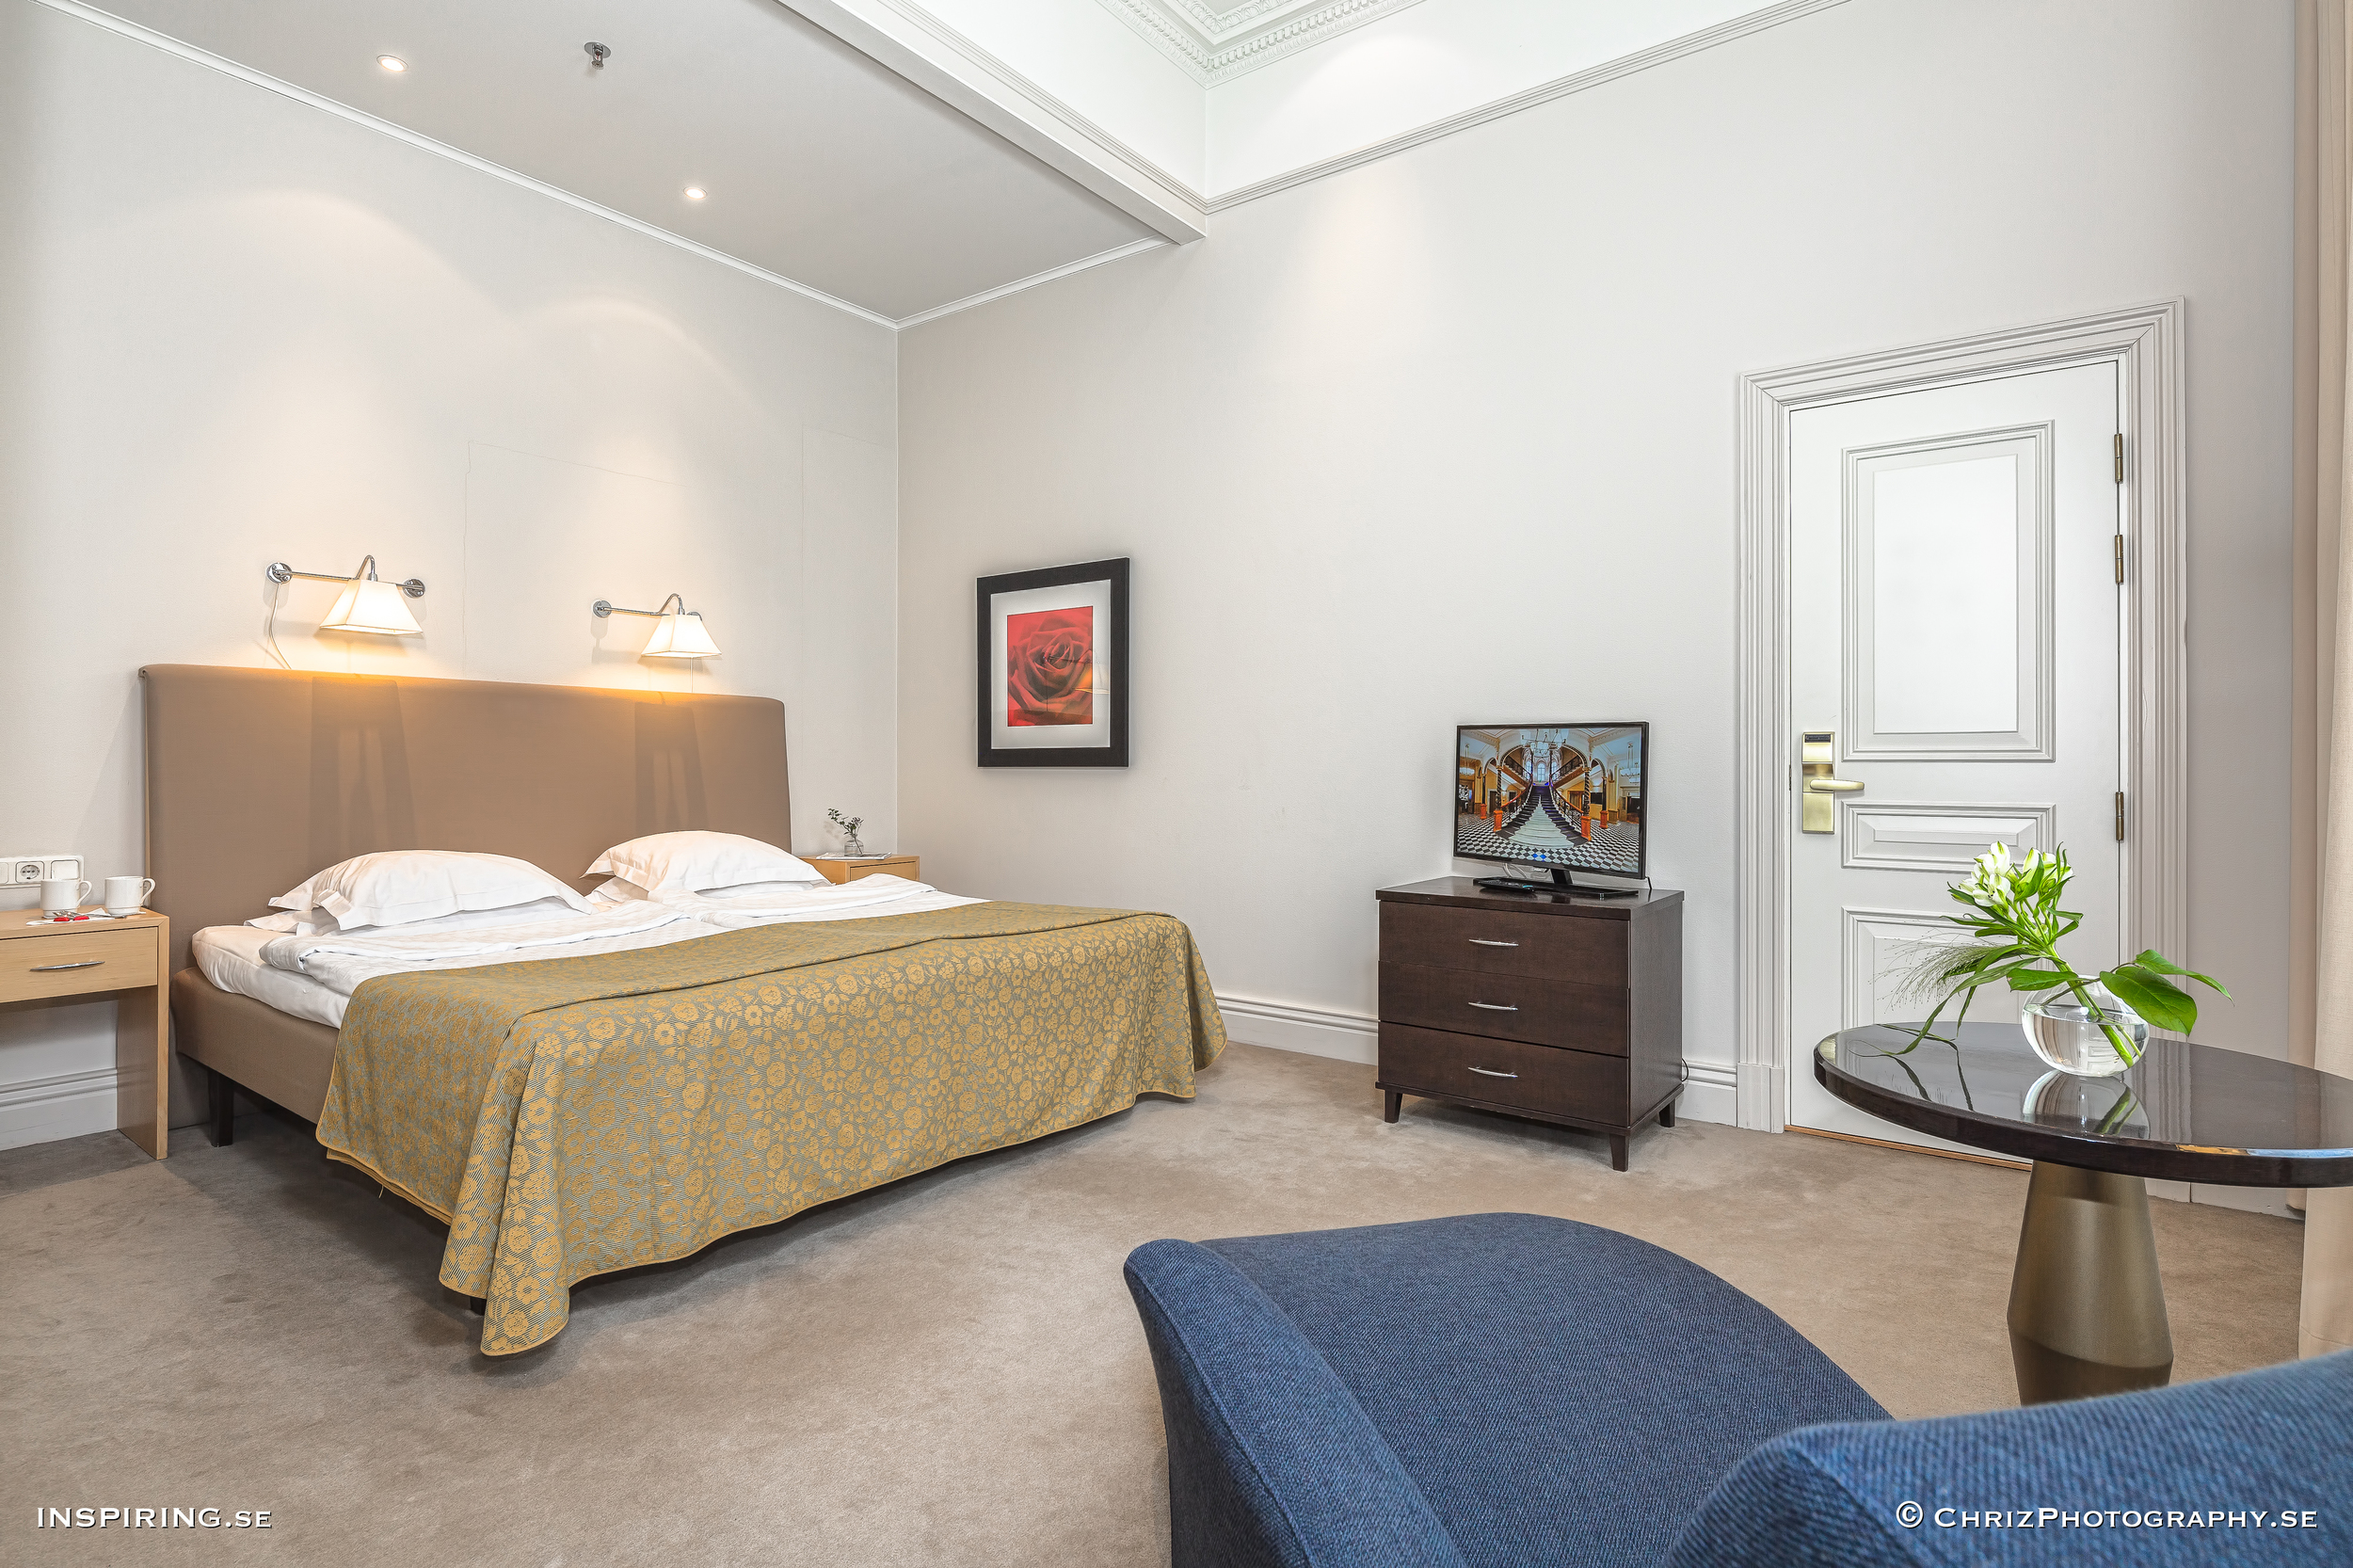 Elite_Hotel_Knaust_Inspiring.se_copyright_ChrizPhotography.se_11.jpg